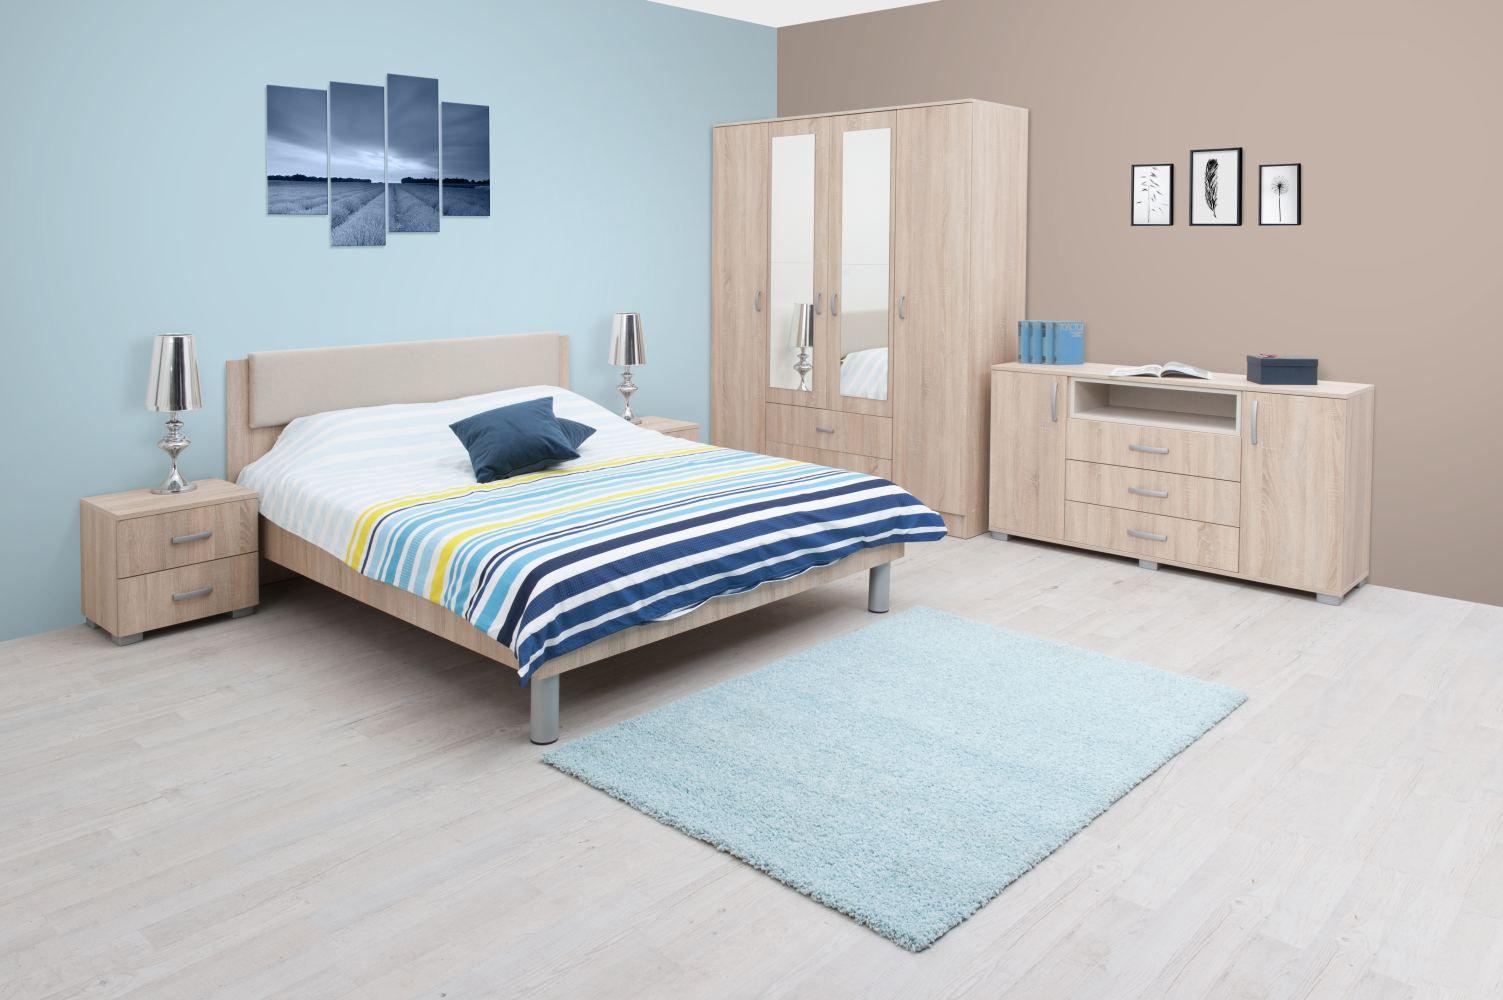 Schlafzimmer Komplett - Set E Bermeo, 6-teilig, Farbe: Eiche Braun / Creme